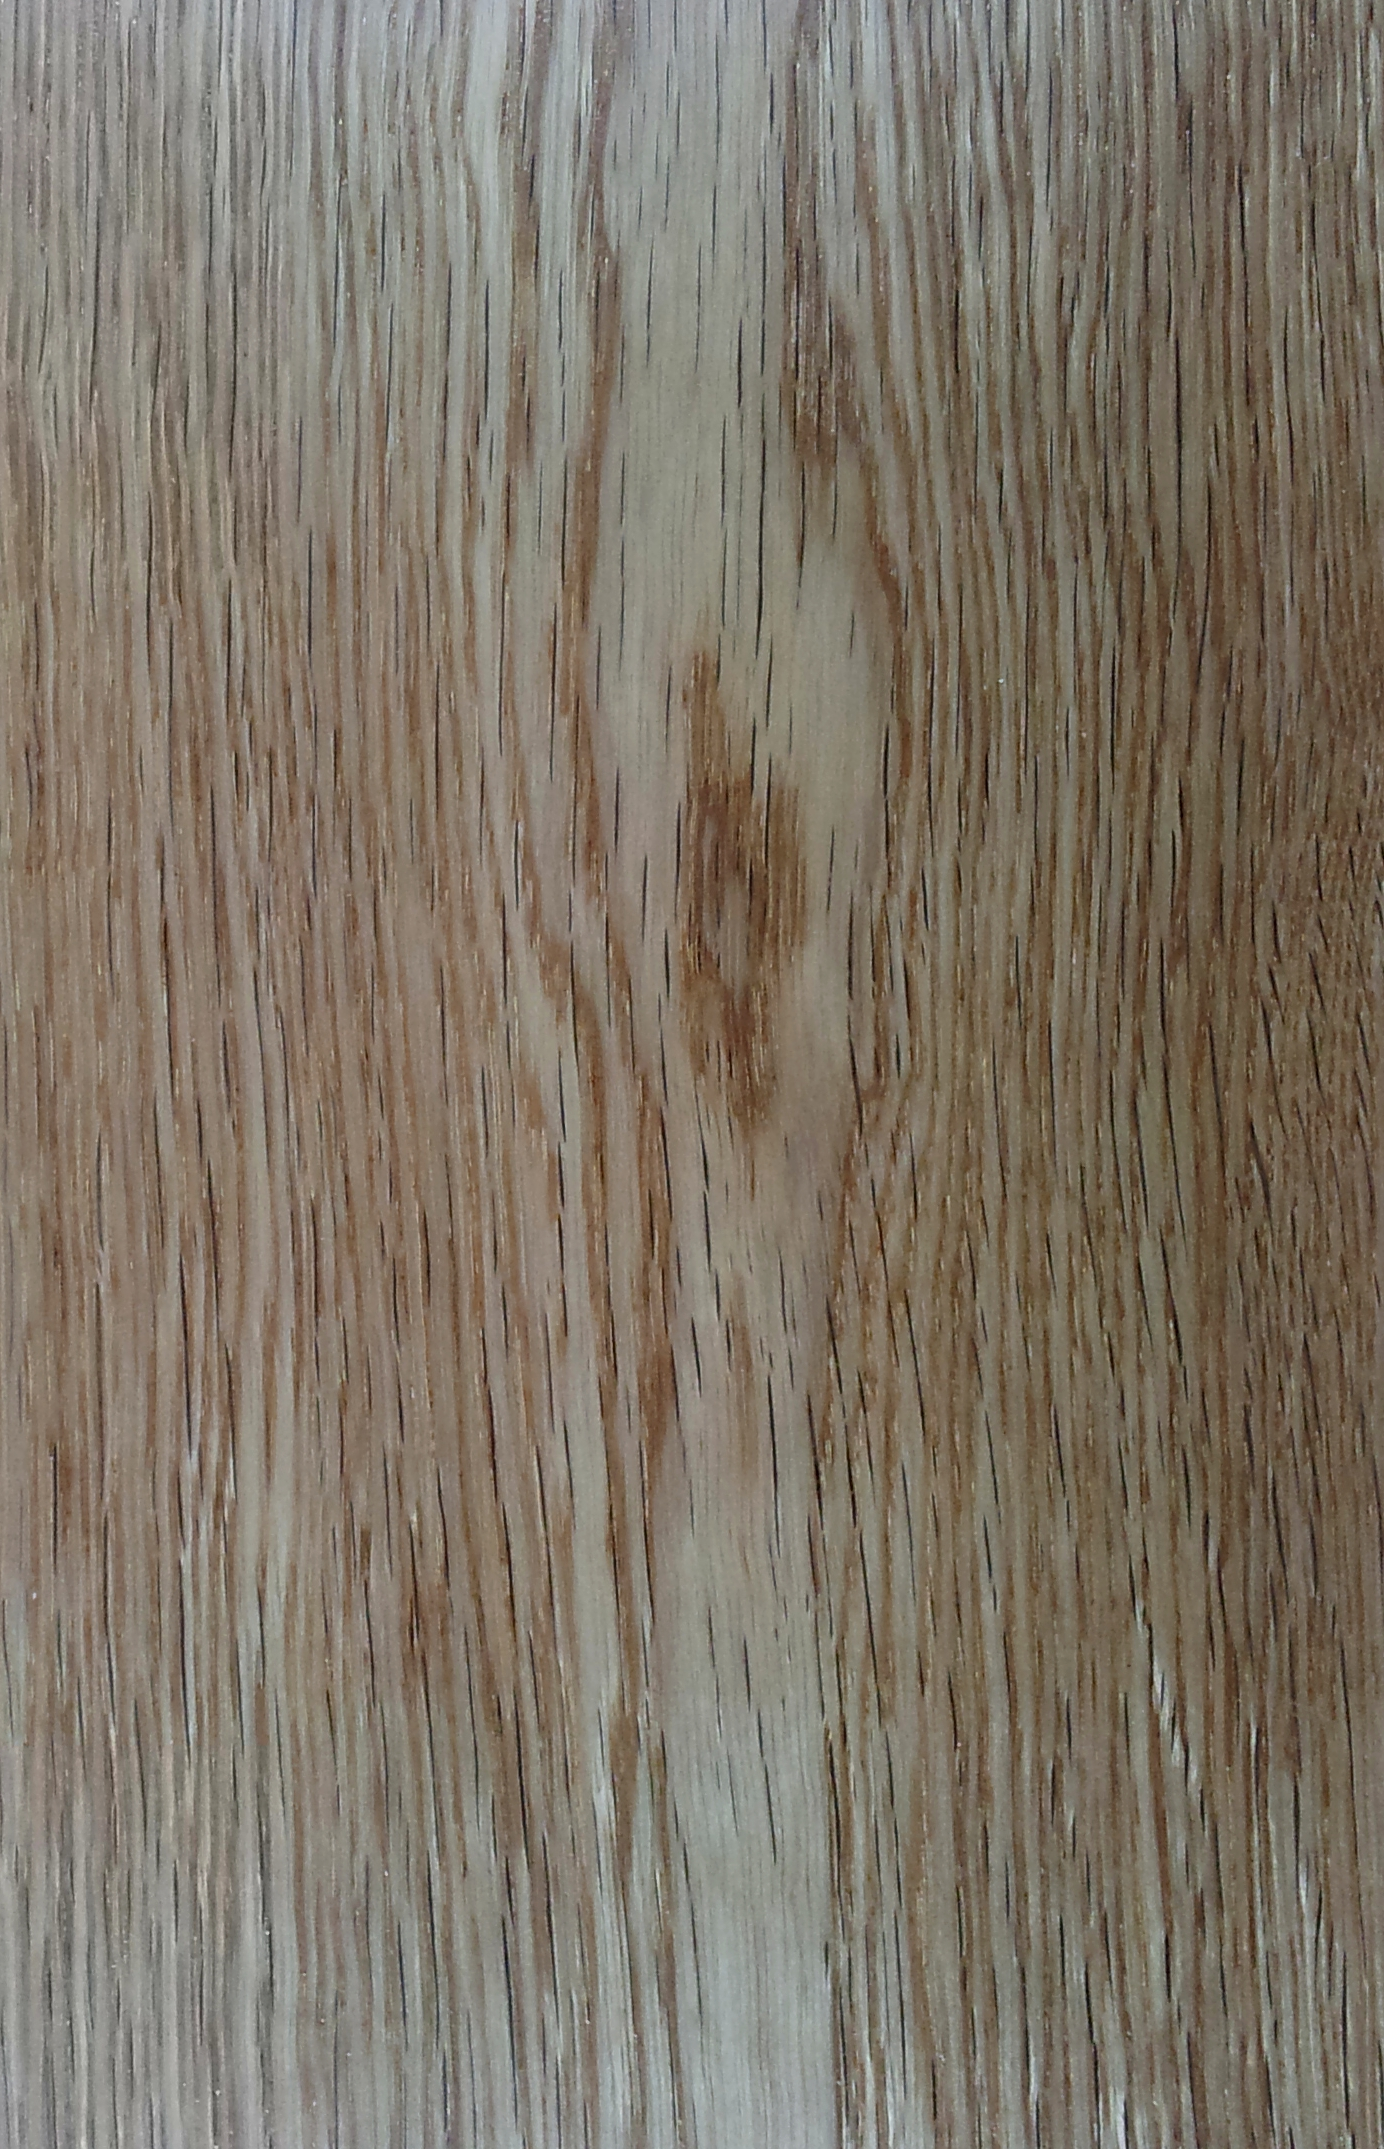 Engineered Wood Floors: Engineered Wood Floors And Humidity